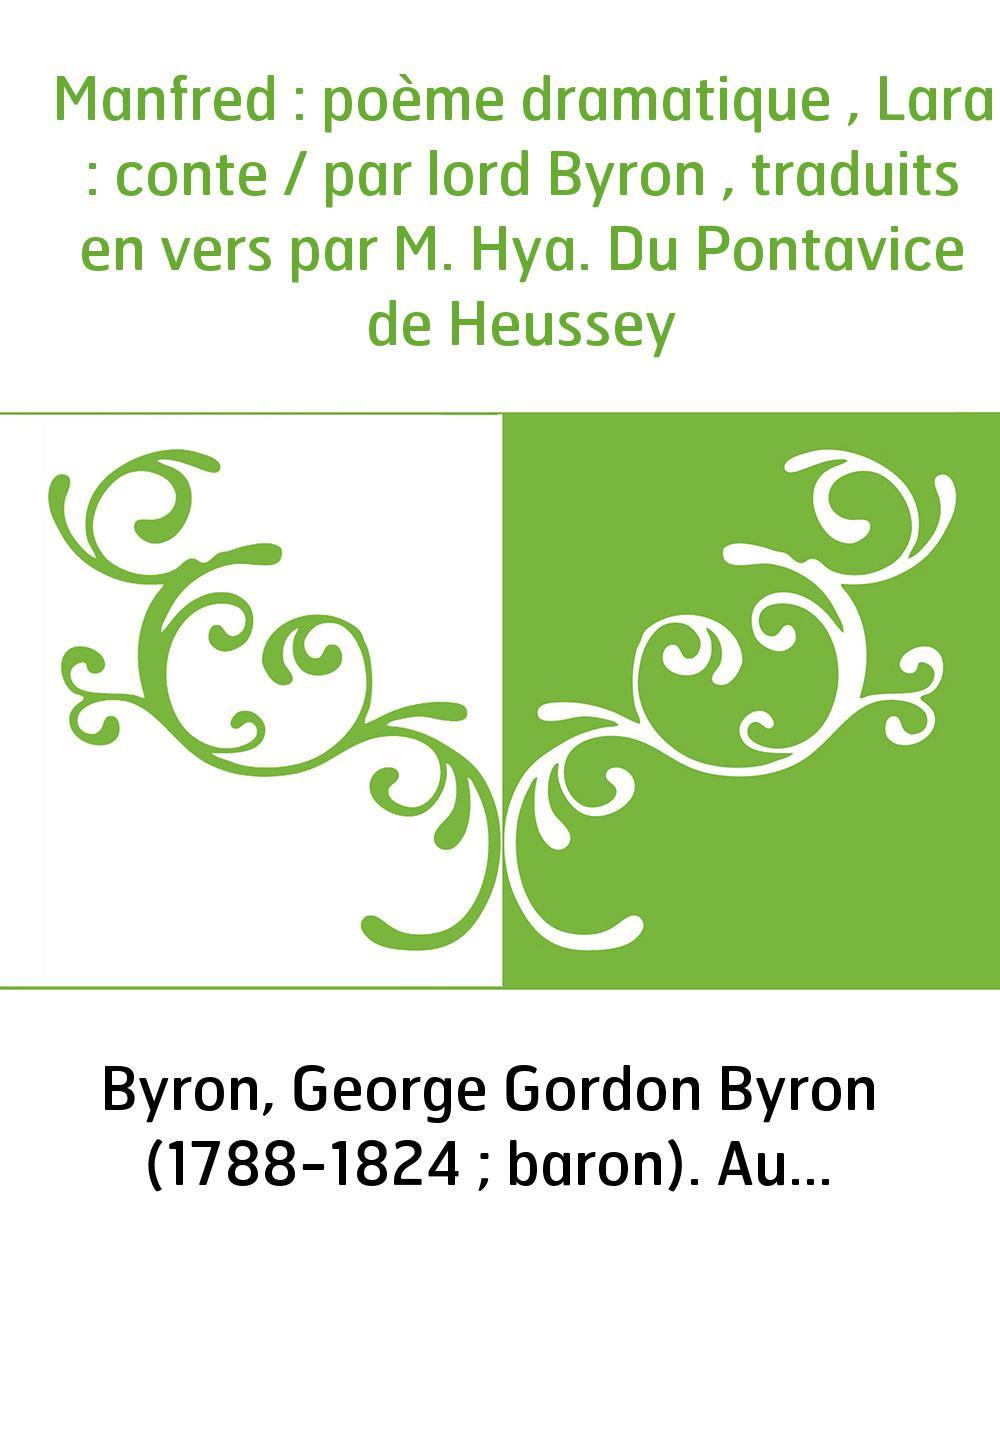 Manfred : poème dramatique , Lara : conte / par lord Byron , traduits en vers par M. Hya. Du Pontavice de Heussey